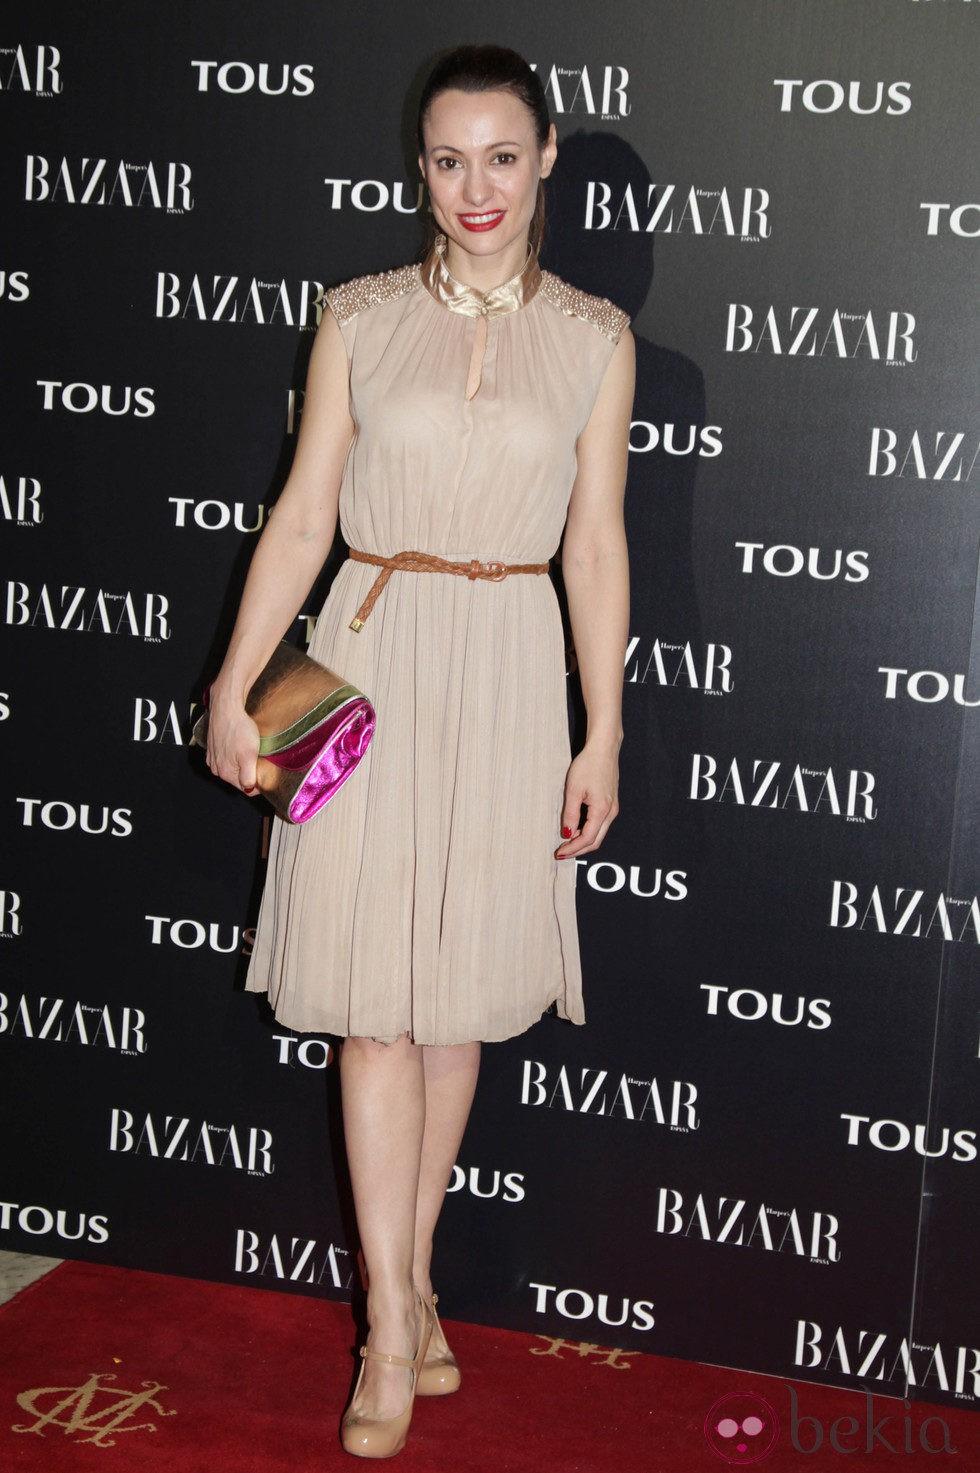 Natalia Verbeke en la fiesta organizada por Tous y Harper's Bazaar